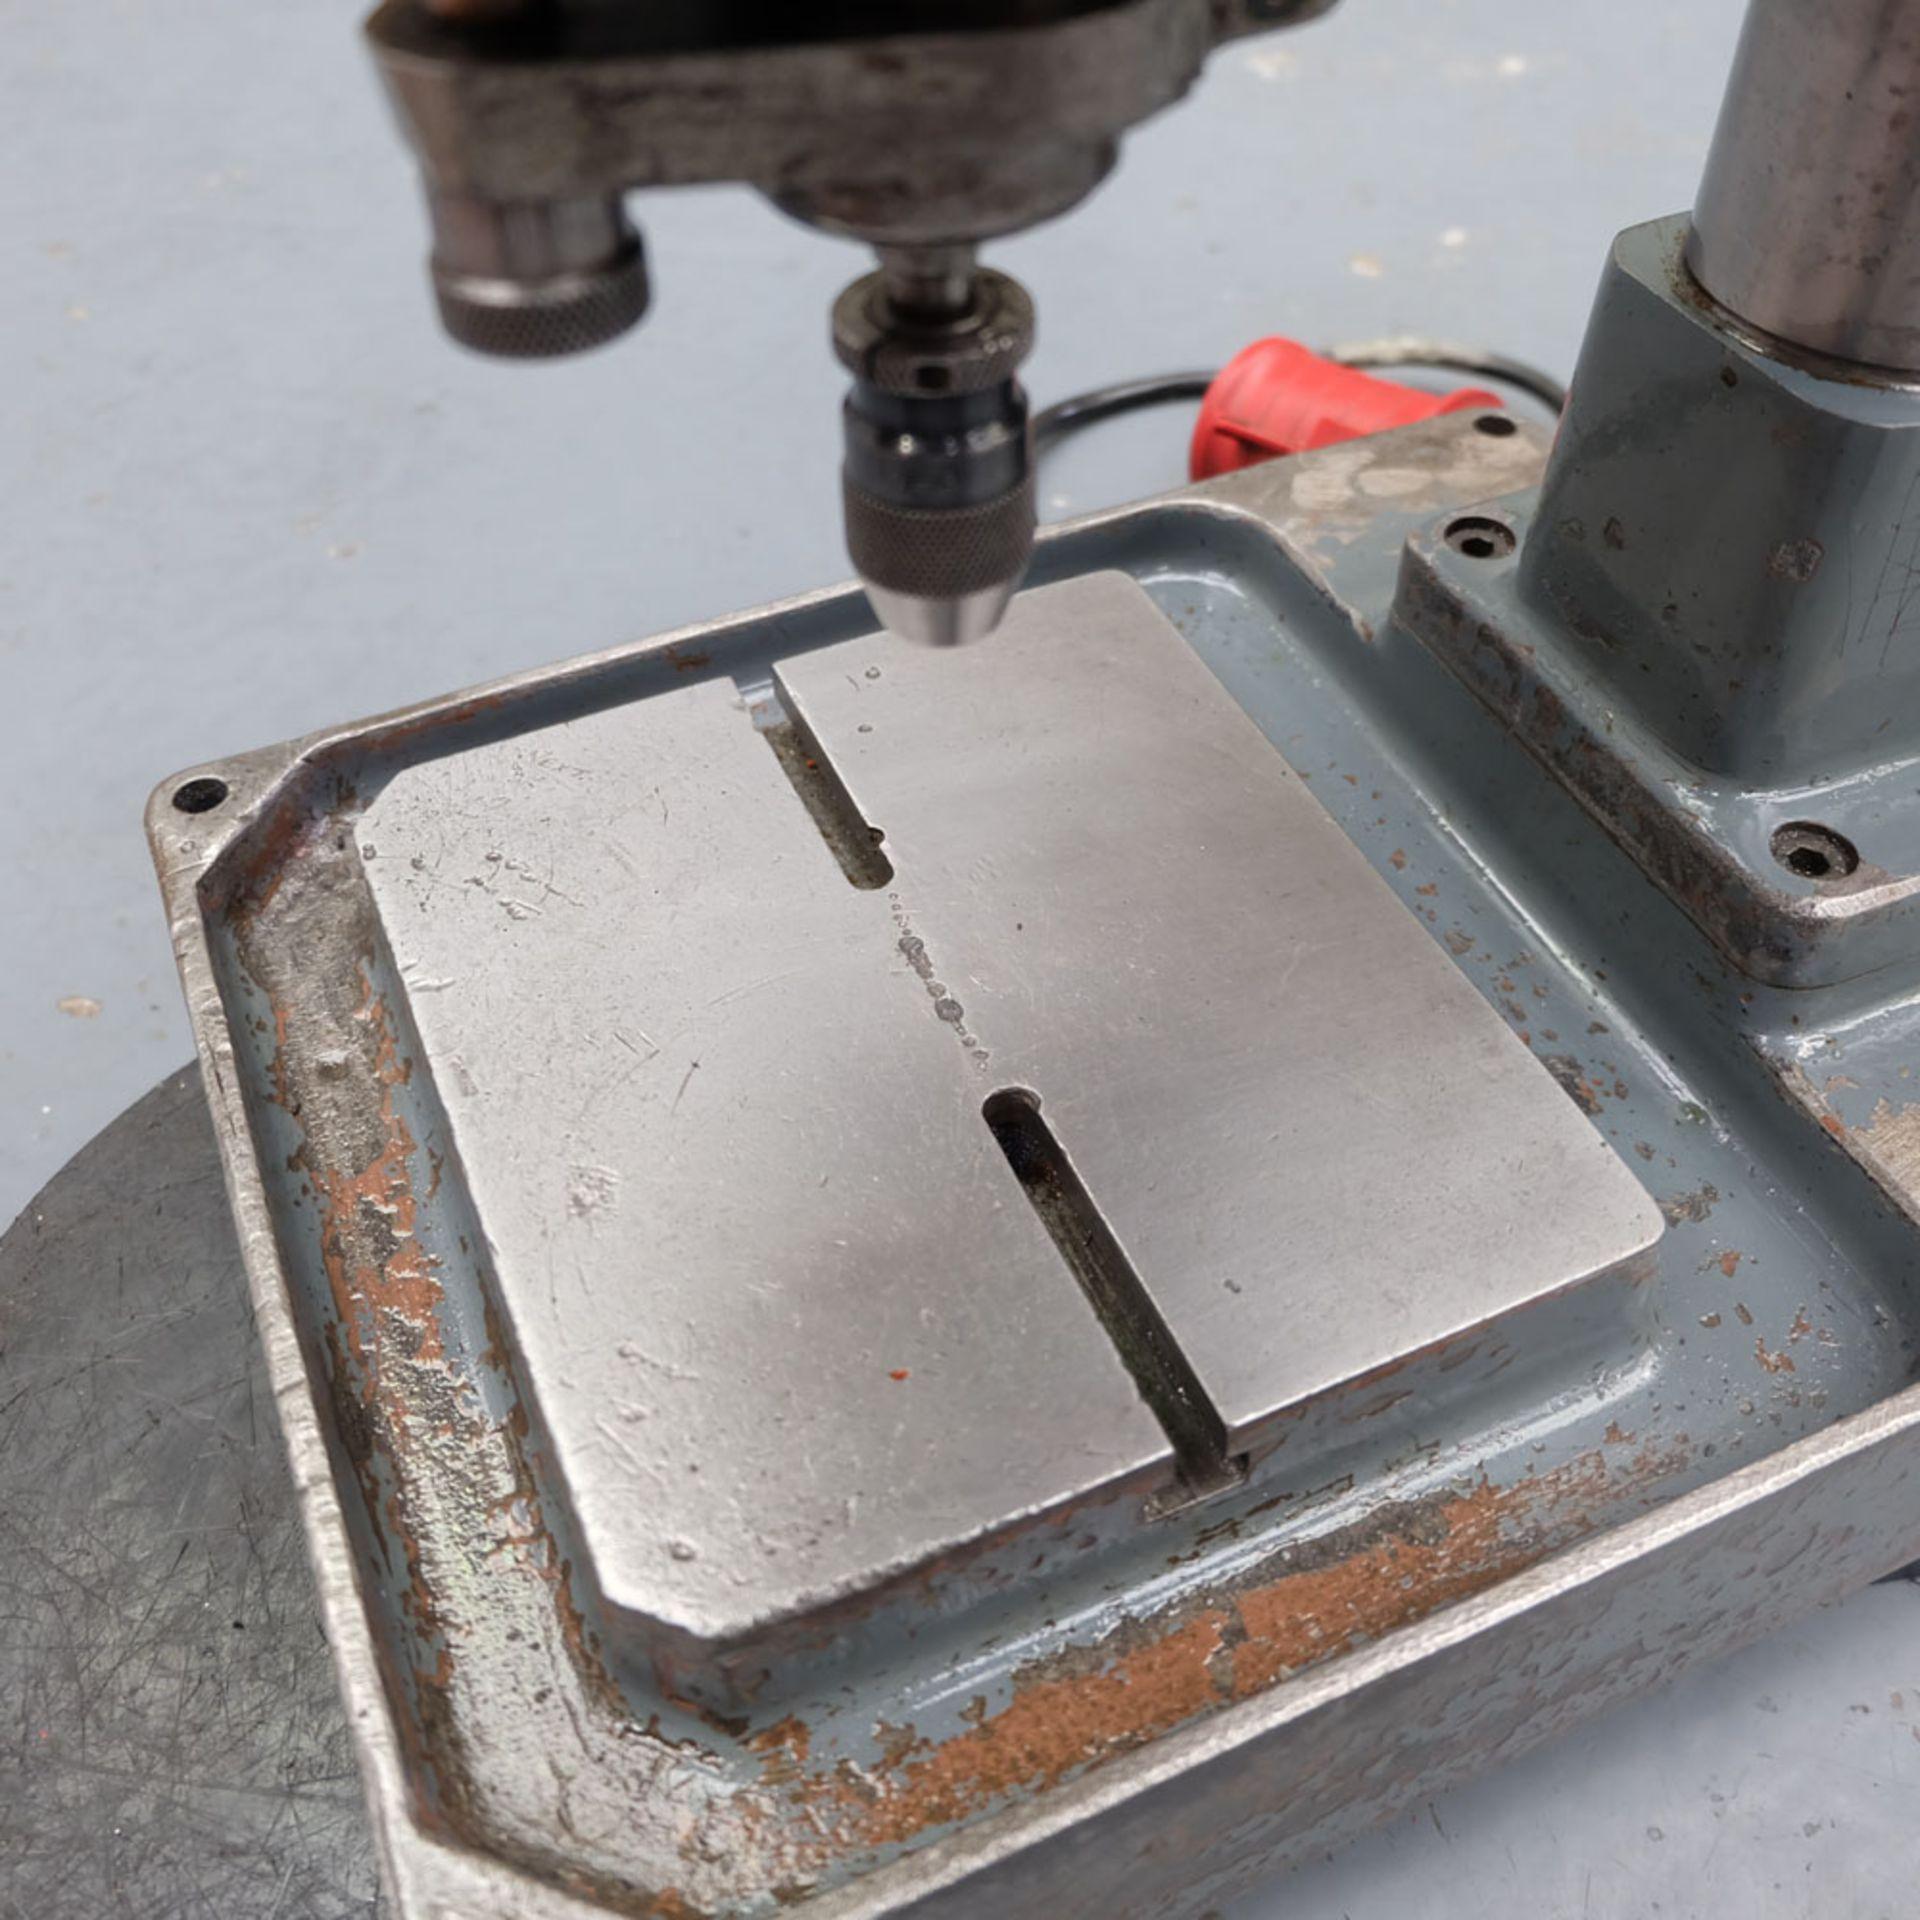 """Spindeldrehzahlen High Speed Bench Drill. 8 x Speeds: 650 - 12,0000 rpm. Drilling Depth: 2"""". - Image 4 of 5"""